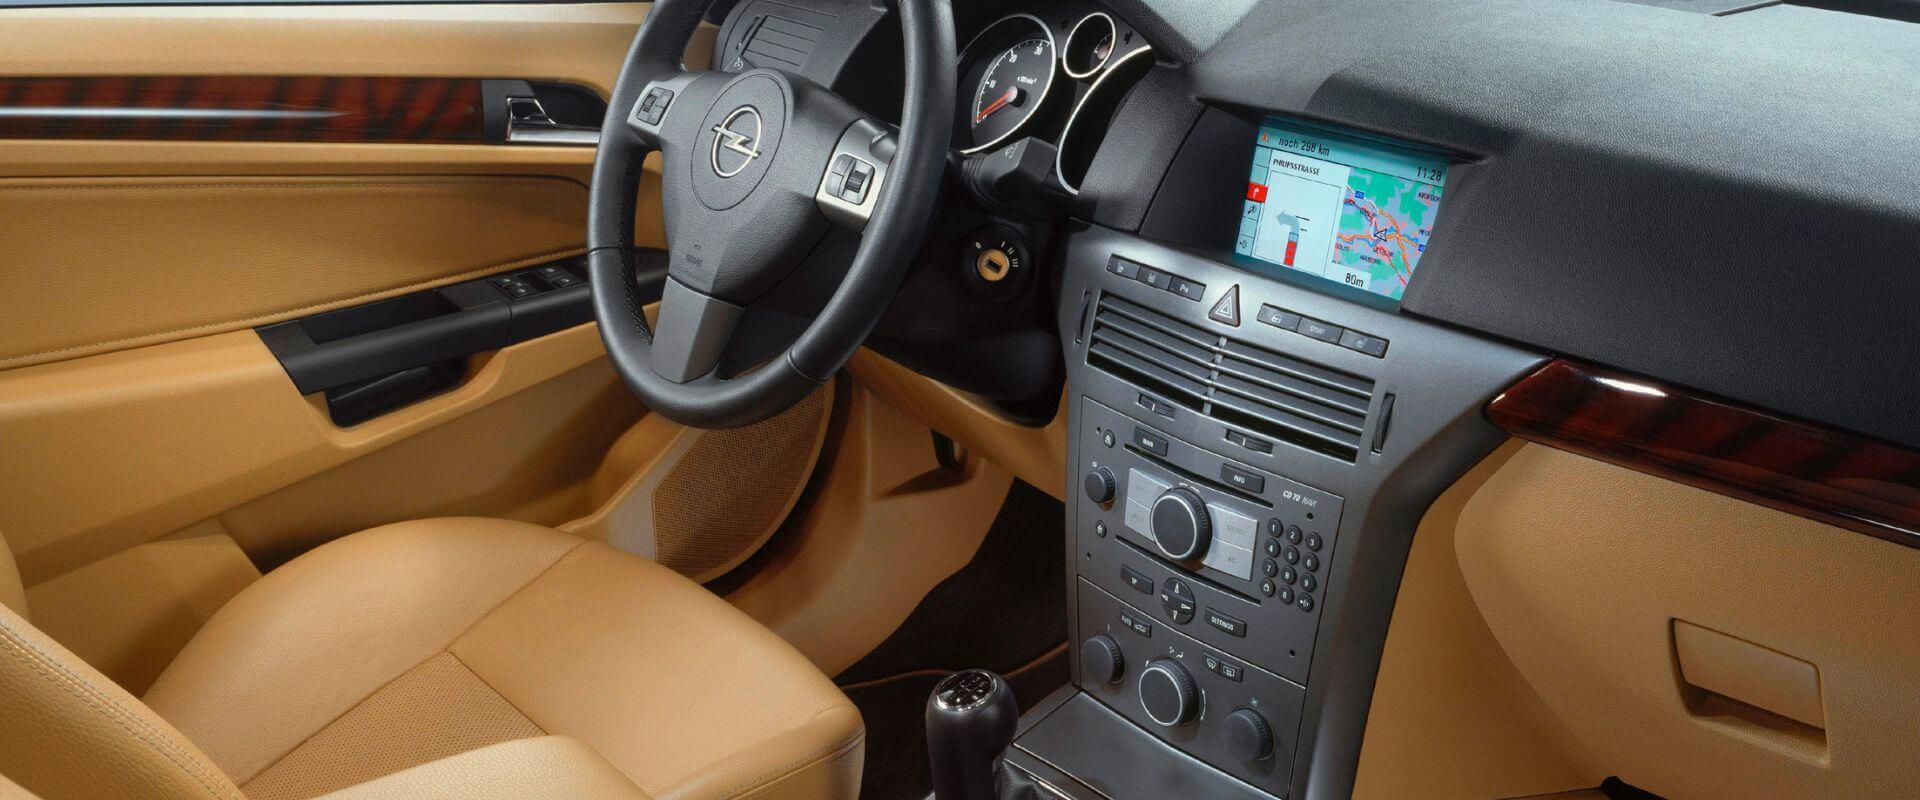 Официальные дилеры Opel в Пермском крае, адреса